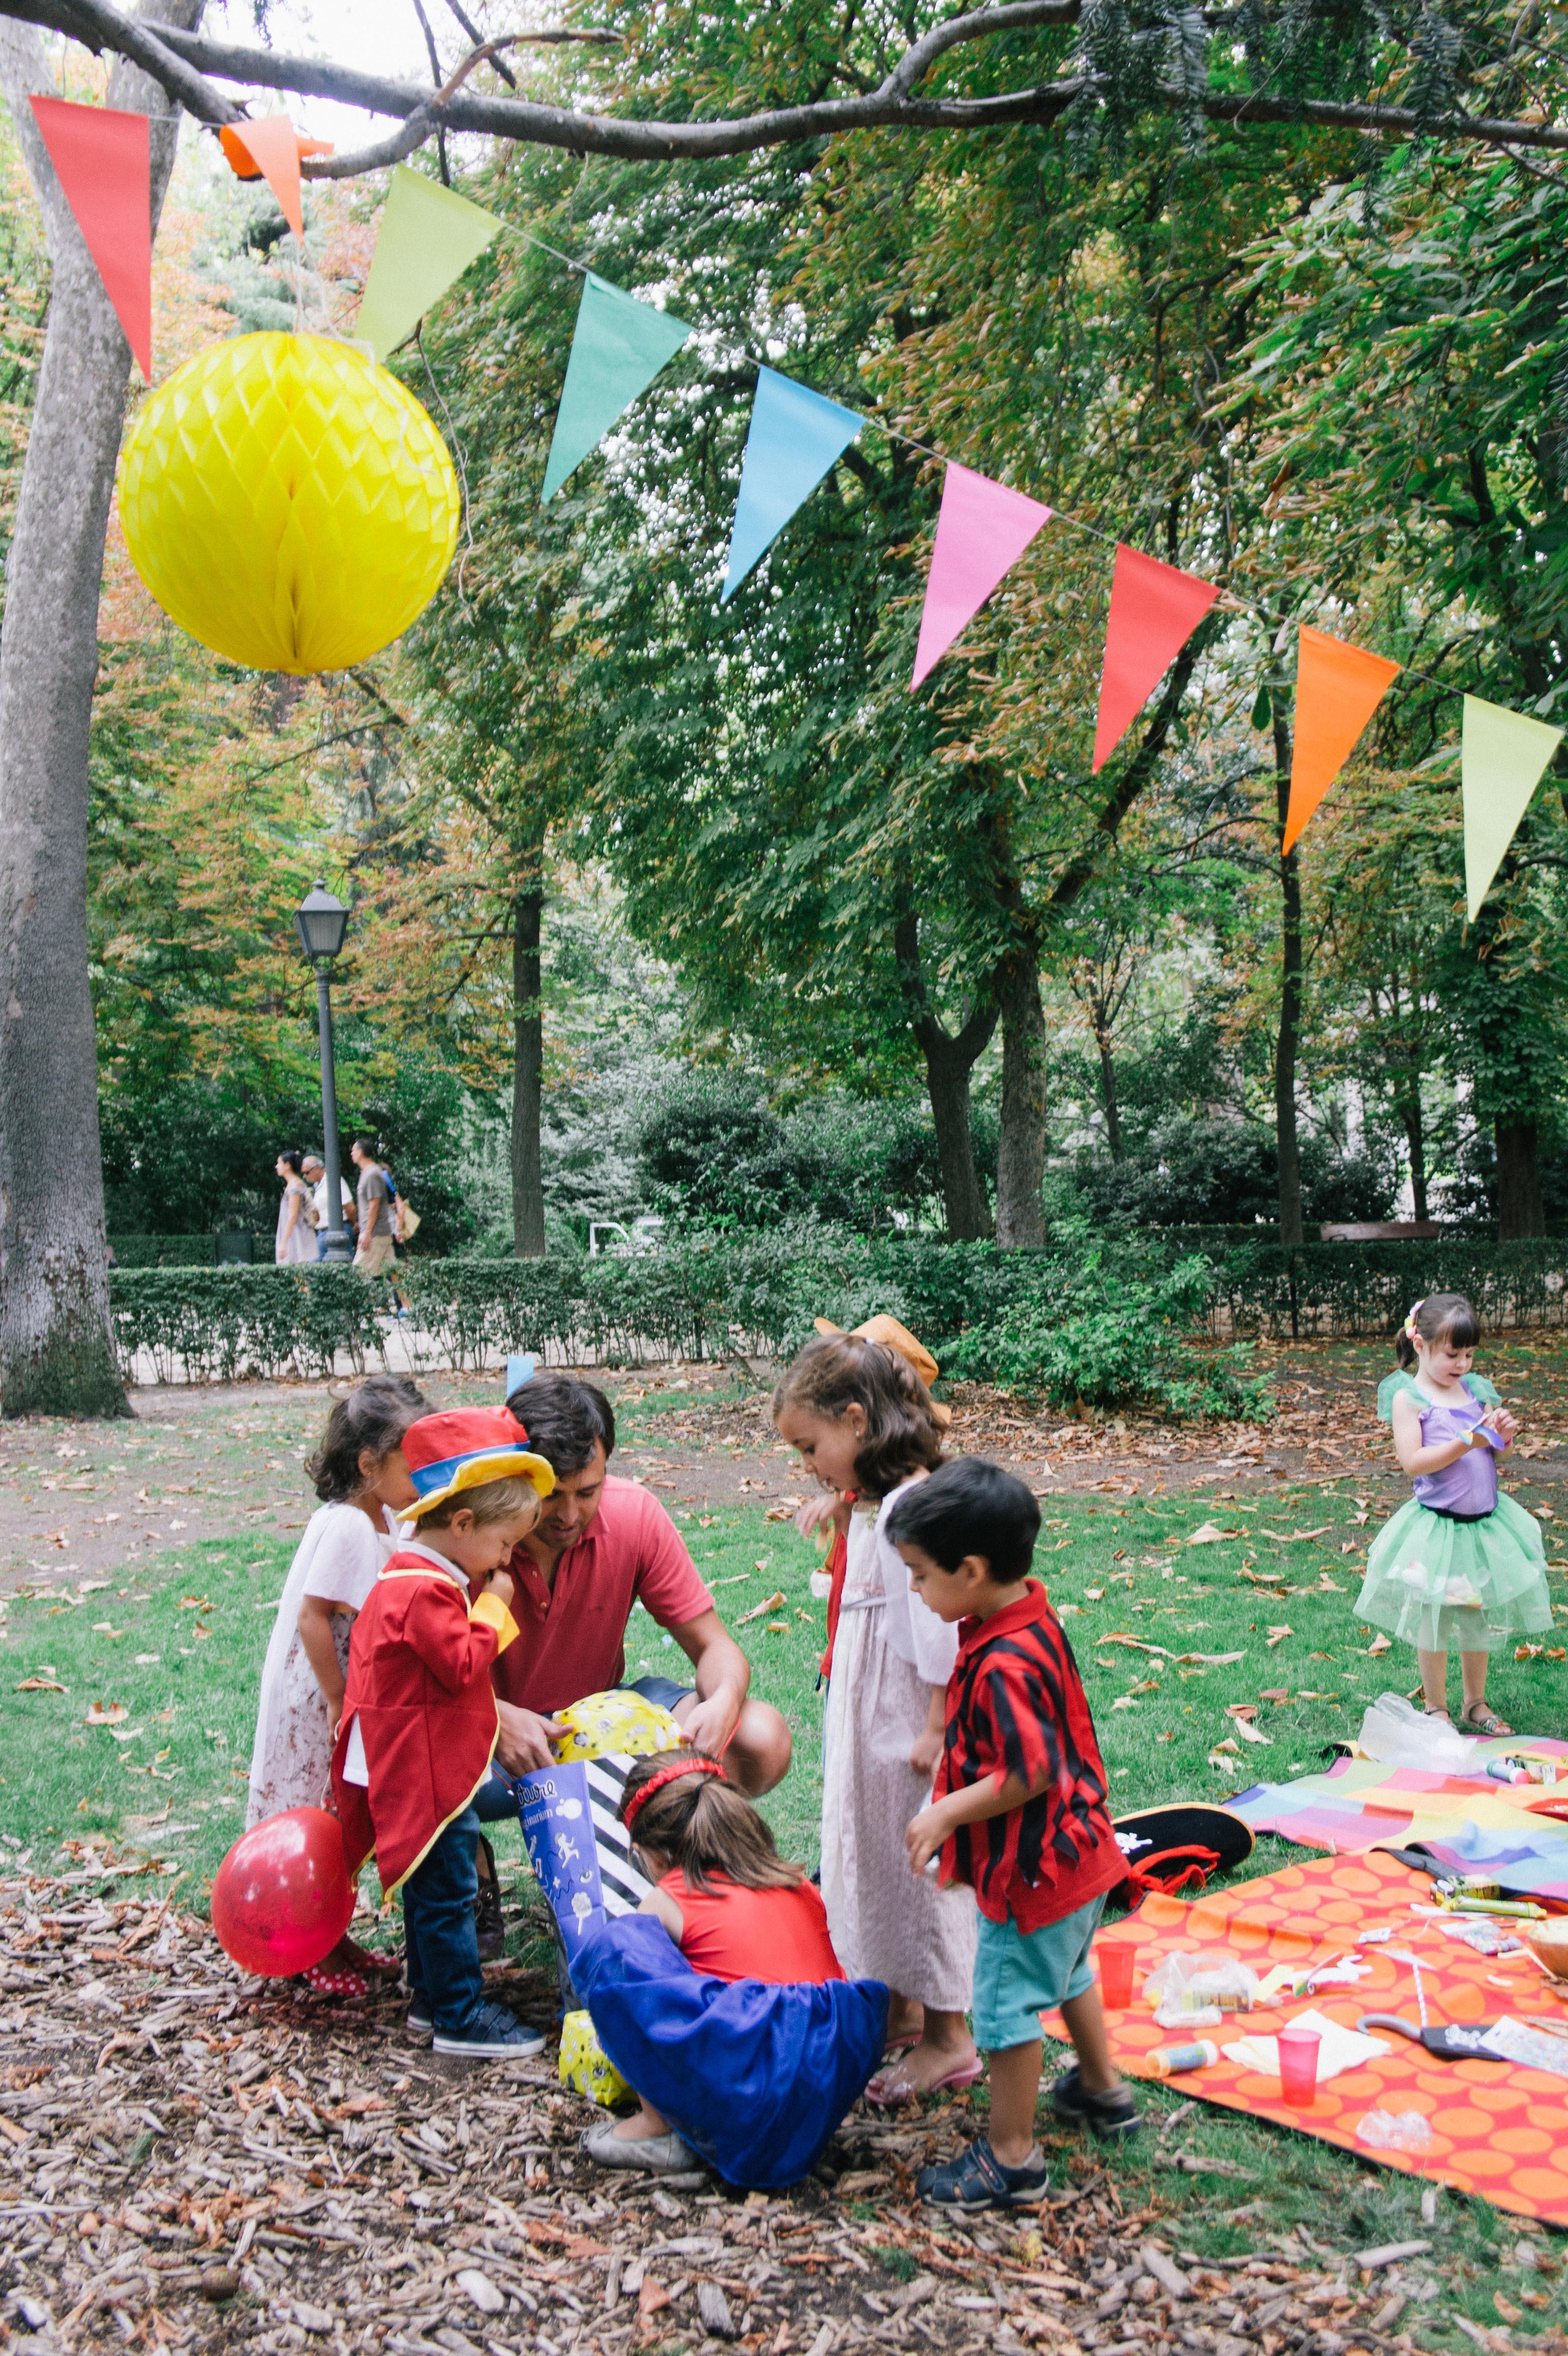 De cumplea os en el parque de el retiro sonambulistas for Decoracion de parques